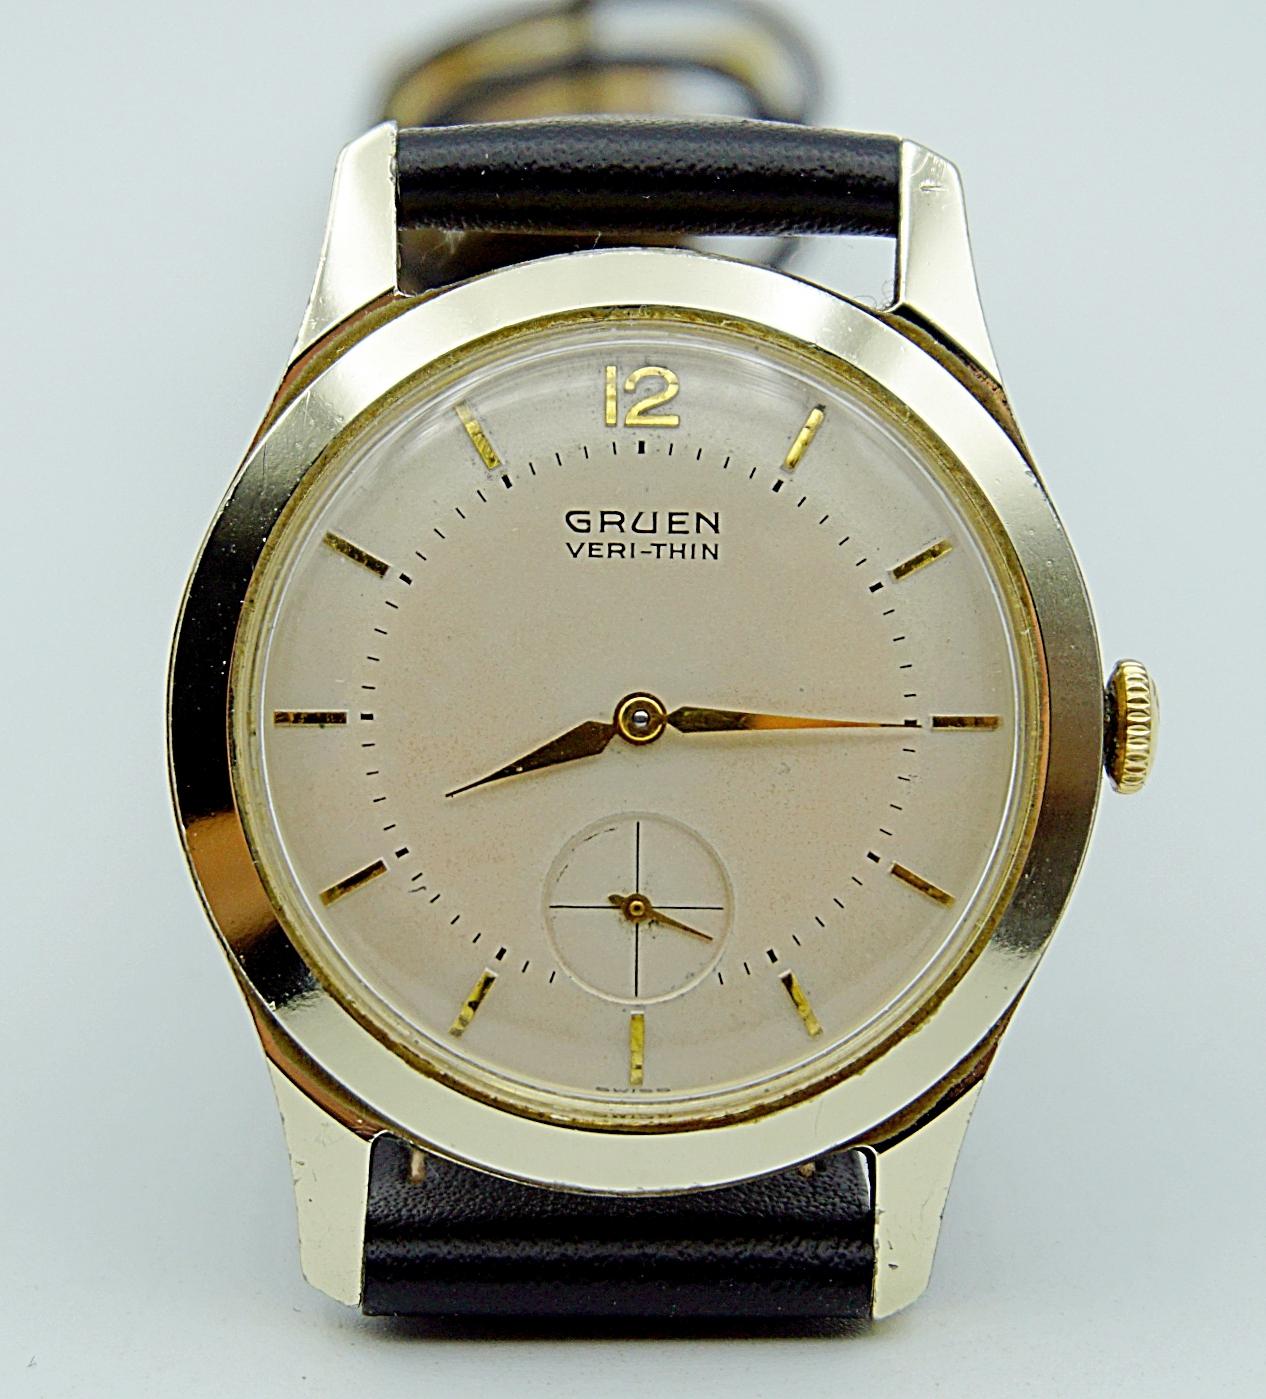 นาฬิกาเก่า GRUEN ไขลานสองเข็มครึ่ง